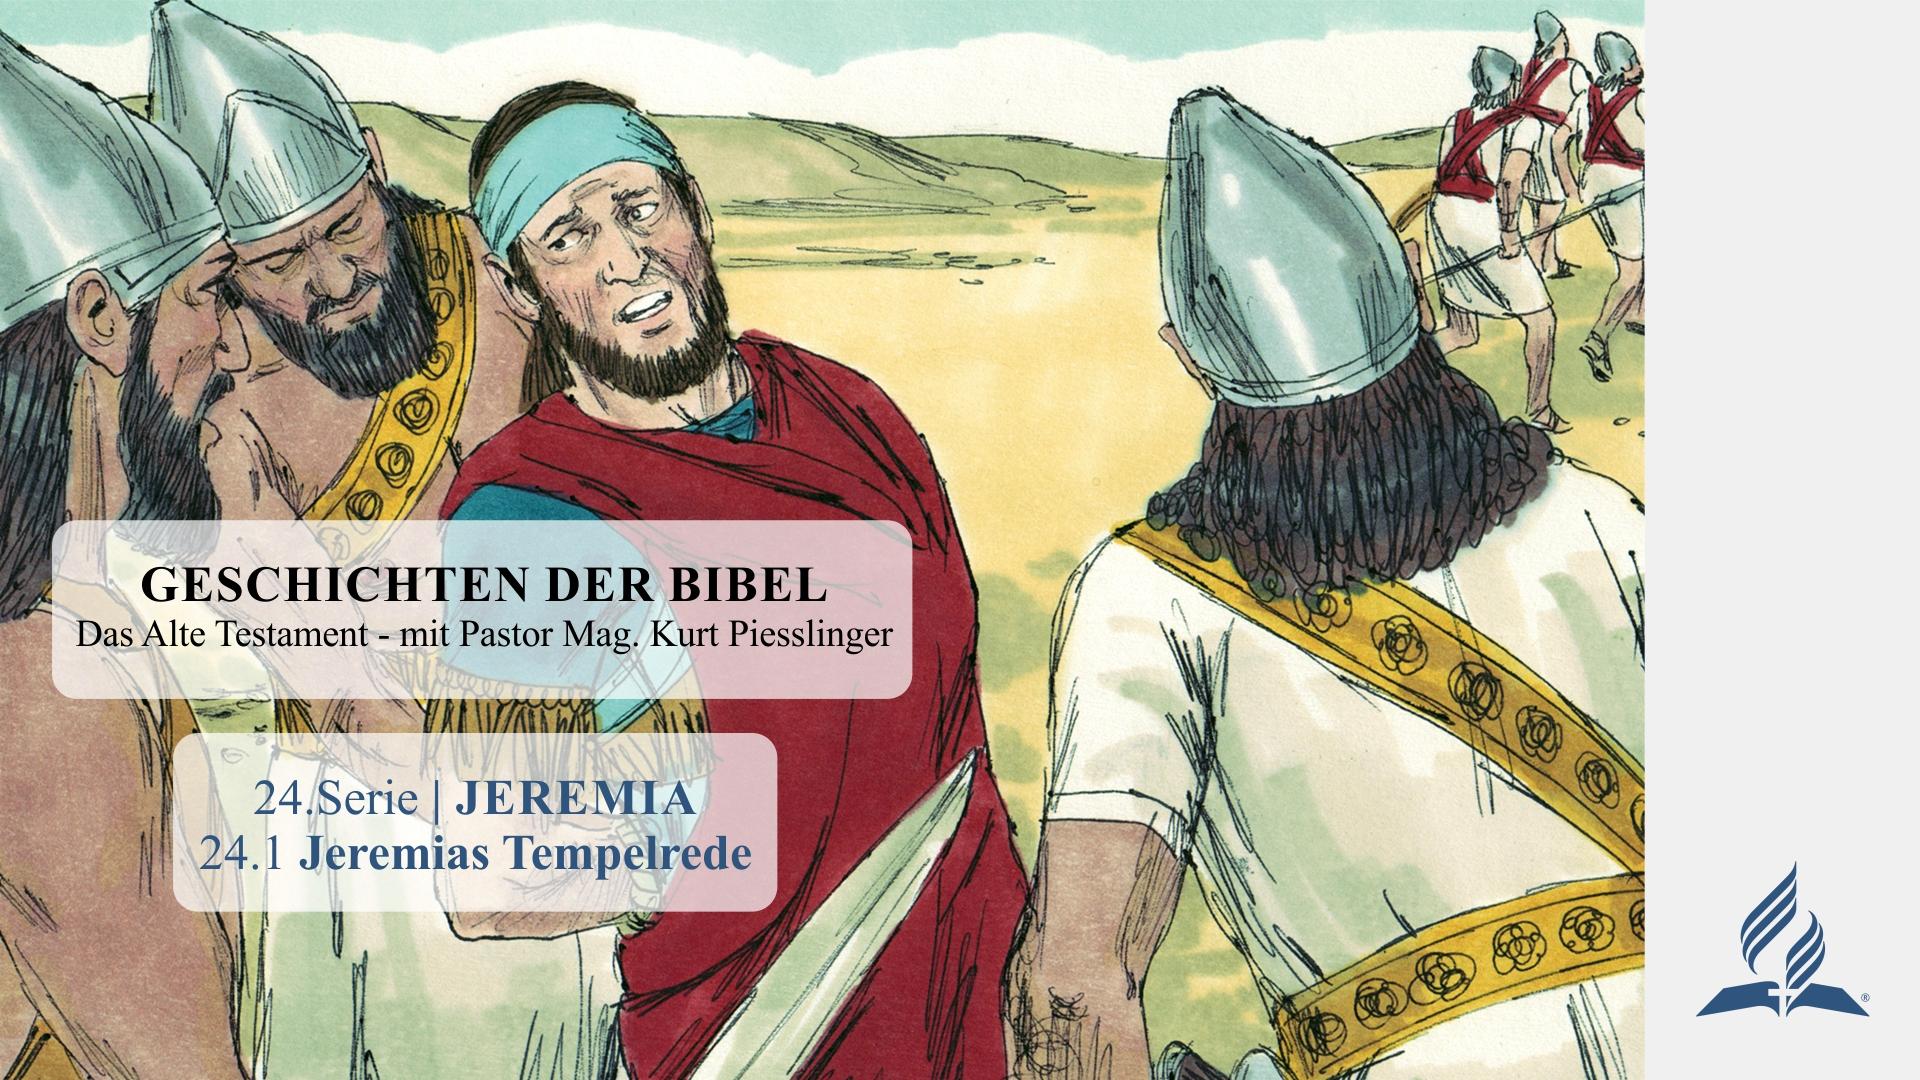 GESCHICHTEN DER BIBEL : 24.1 Jeremias Tempelrede – 24.JEREMIA | Pastor Mag. Kurt Piesslinger